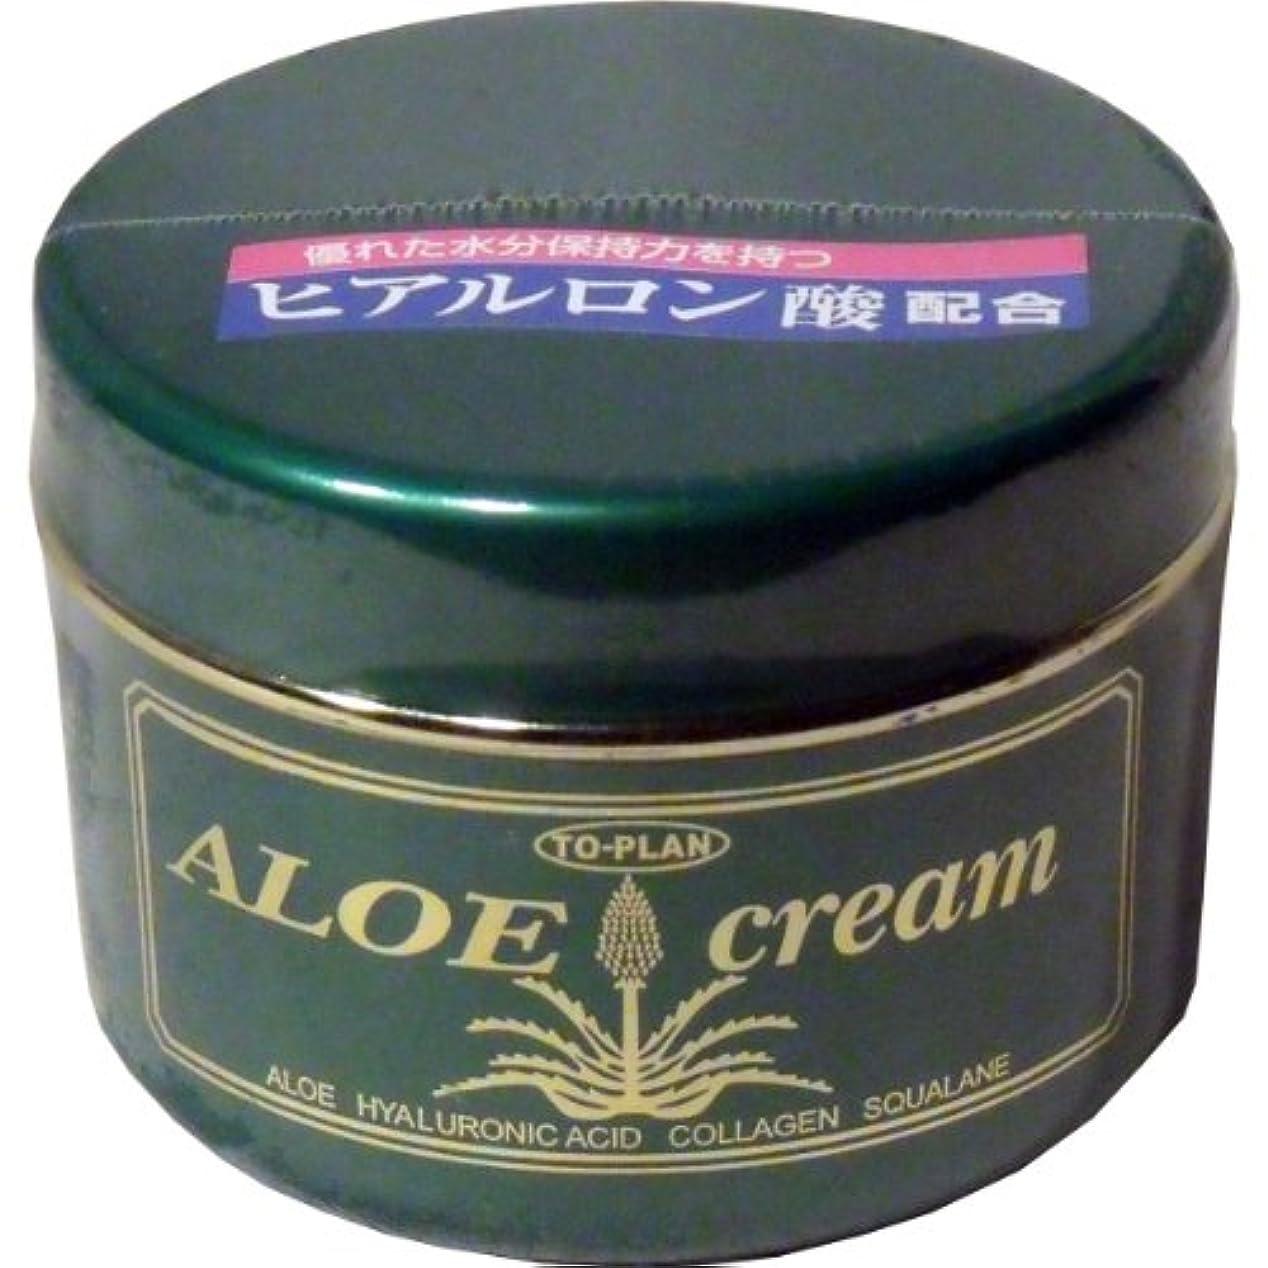 の中で不幸すり減るトプラン ハーブフレッシュクリーム(アロエクリーム) ヒアルロン酸 170g ×3個セット